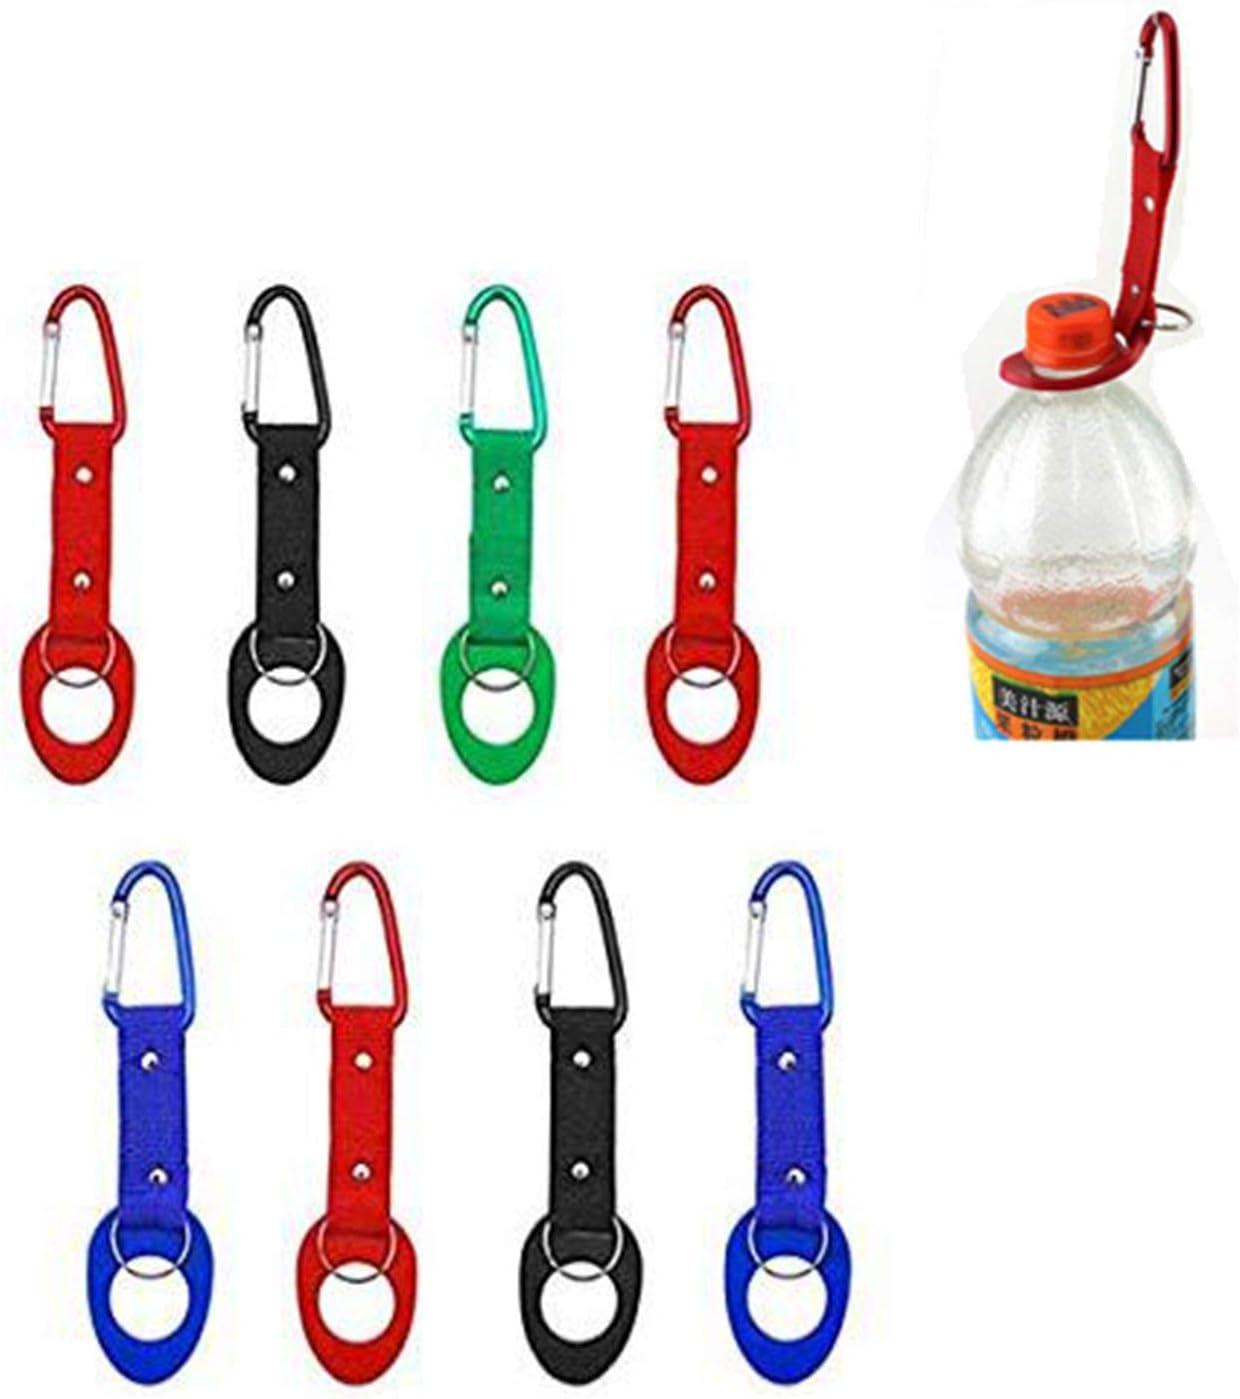 Qiajie 8 PCS Botella de Agua de Silicona portátil Colorida Hebilla de Botella Cómodo Clip de Transporte Gancho con Llavero para Acampar Senderismo Viajar (Color Aleatorio